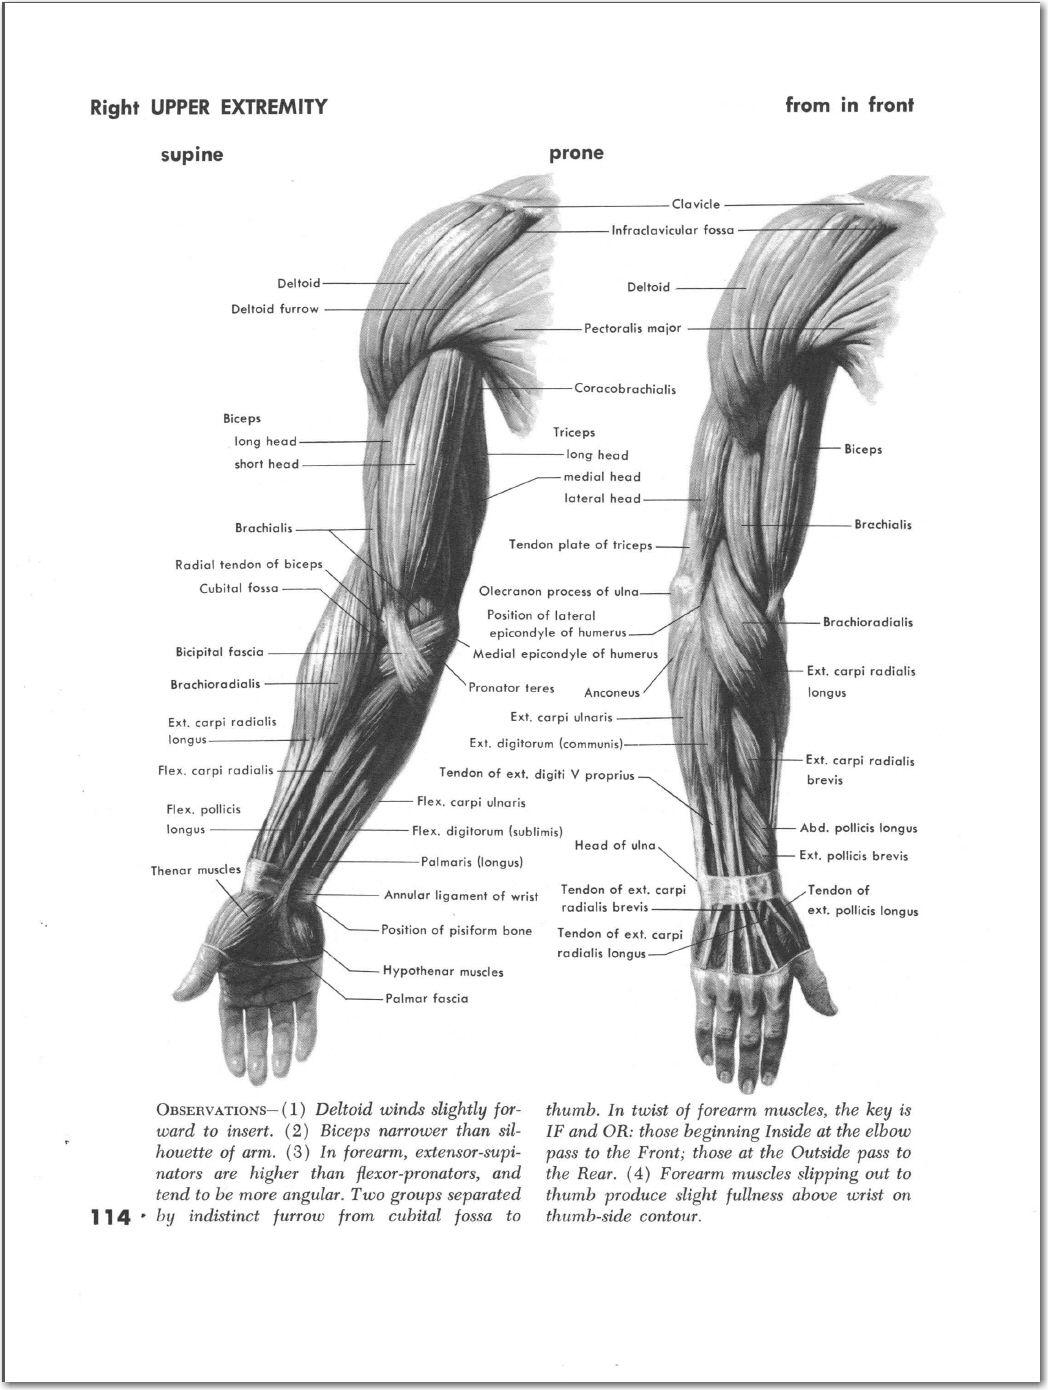 Pin de Luis Marulanda Ramirez en anatomia | Pinterest | Anatomía y ...